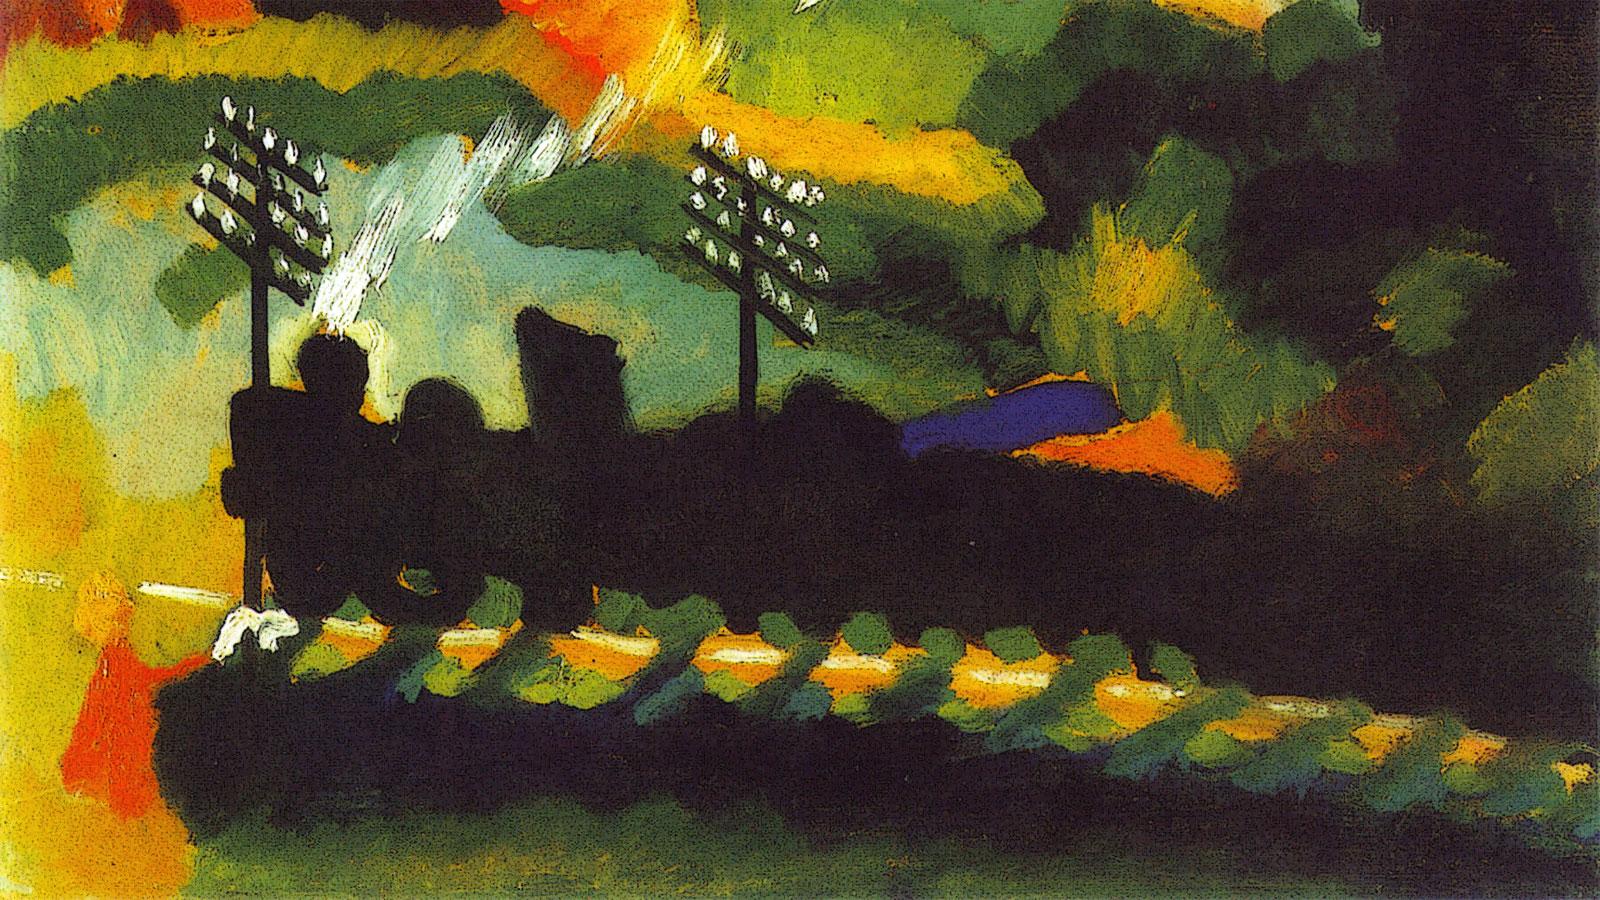 Murnau - vista con el ferrocarril y el castillo - Kandinsky (1909)